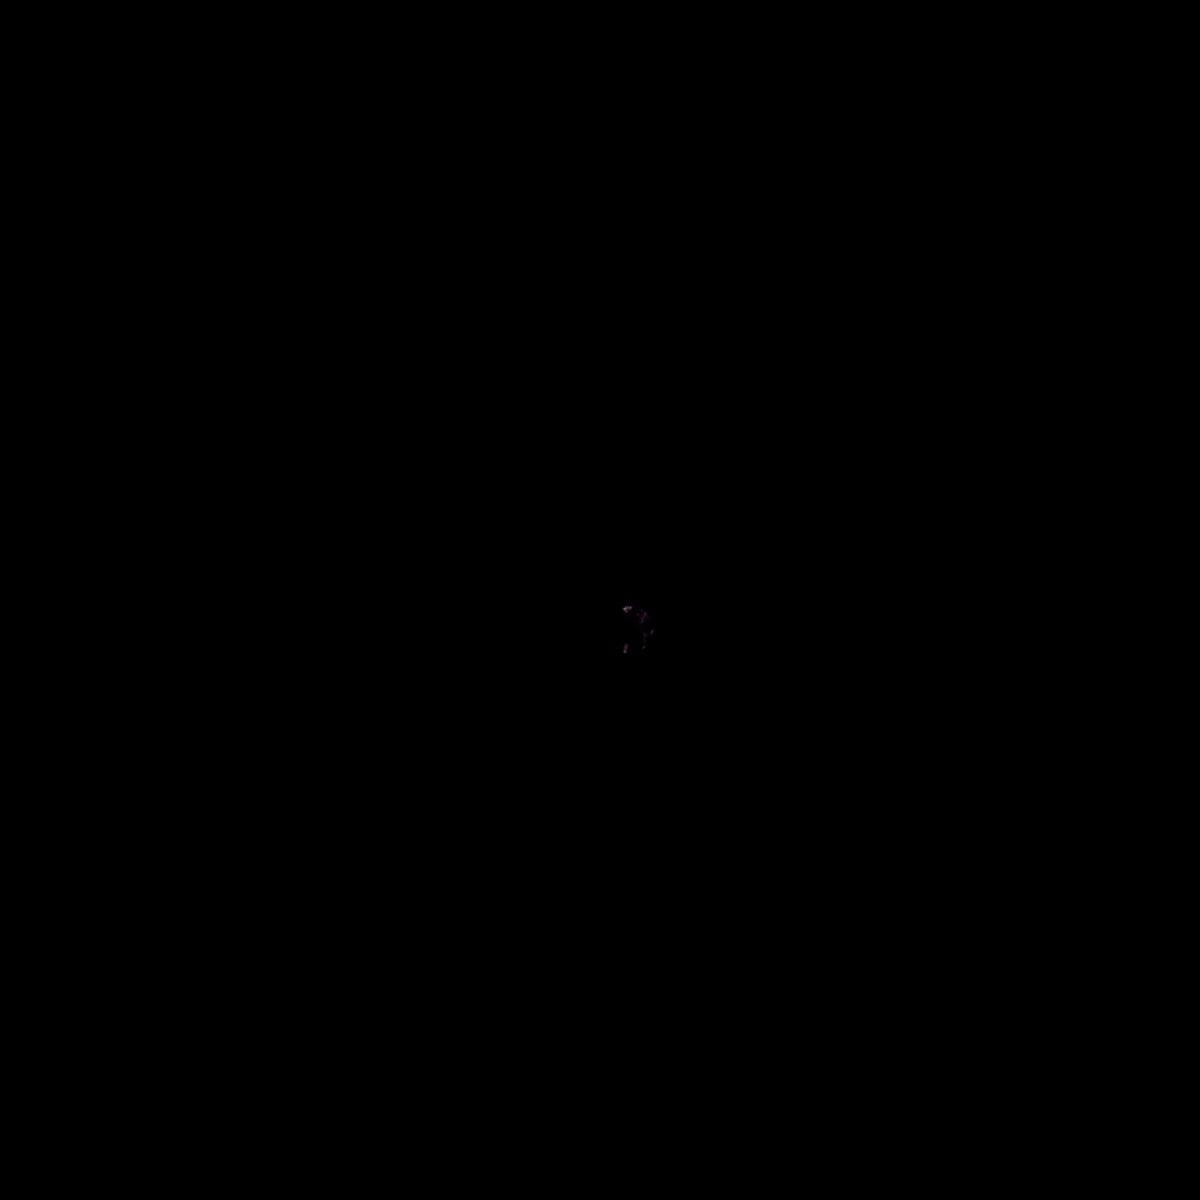 GIF Animation eines wachsen...